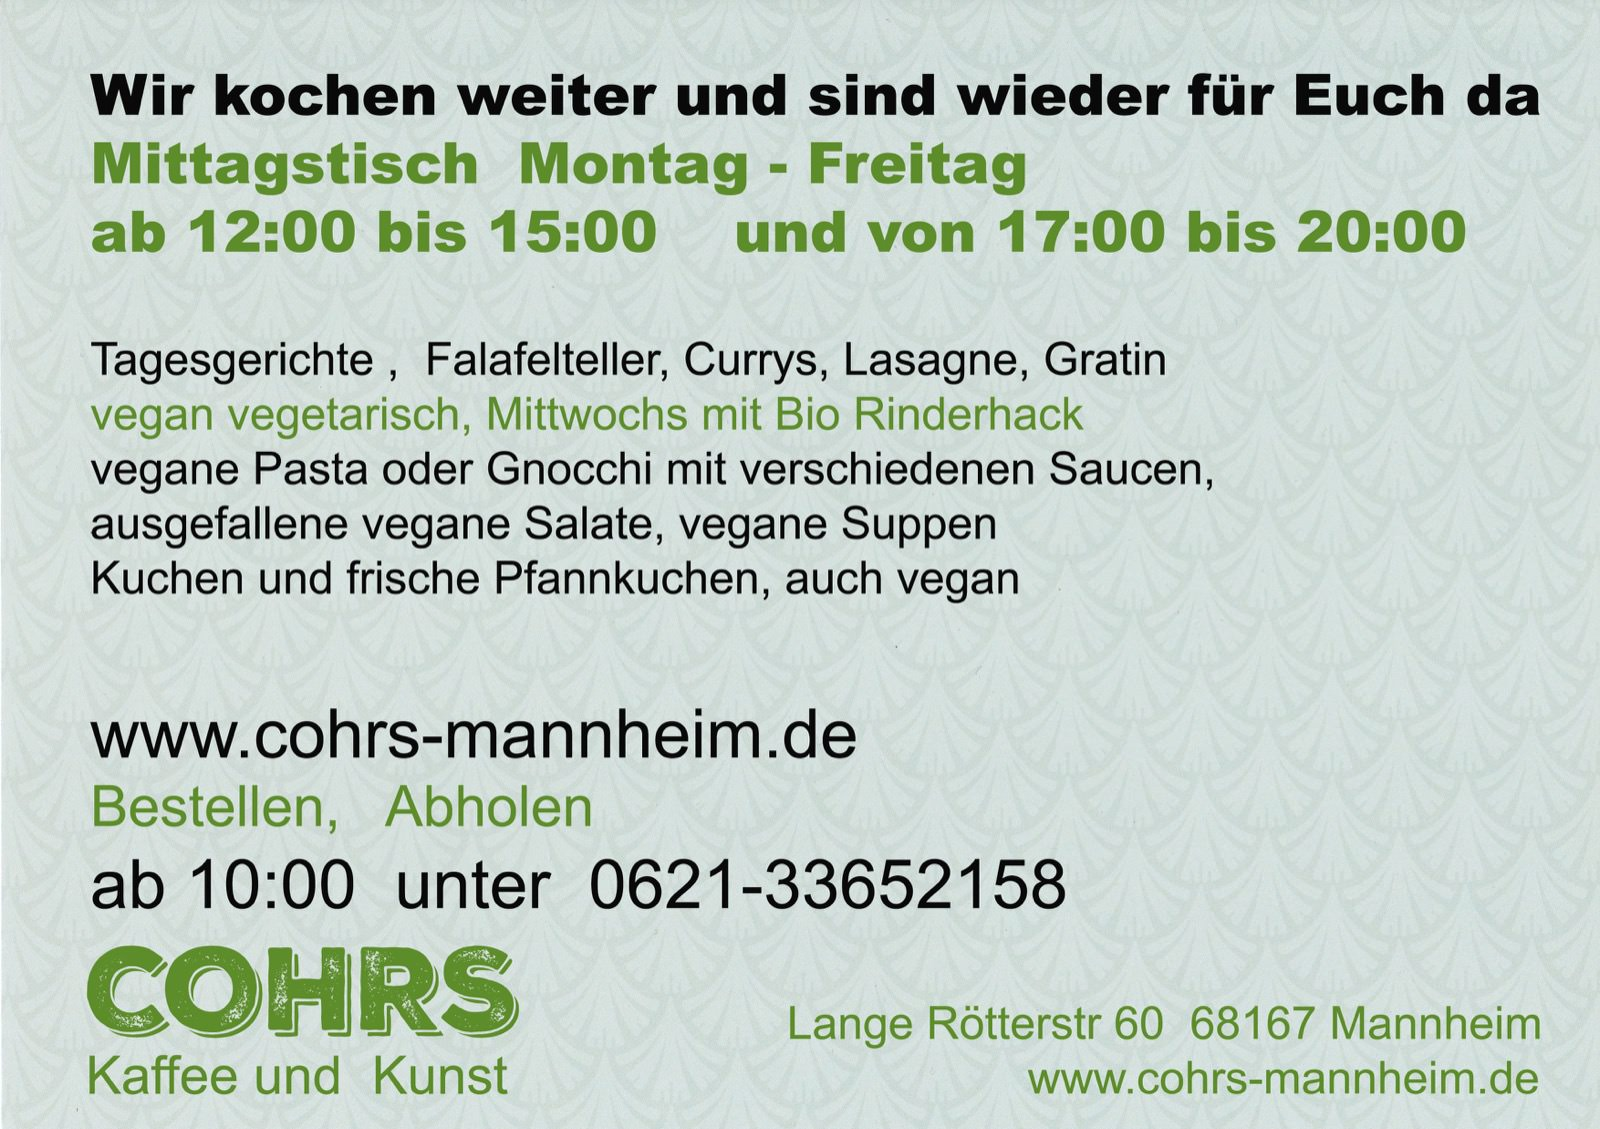 Cohrs - Essen bestellen und abholen